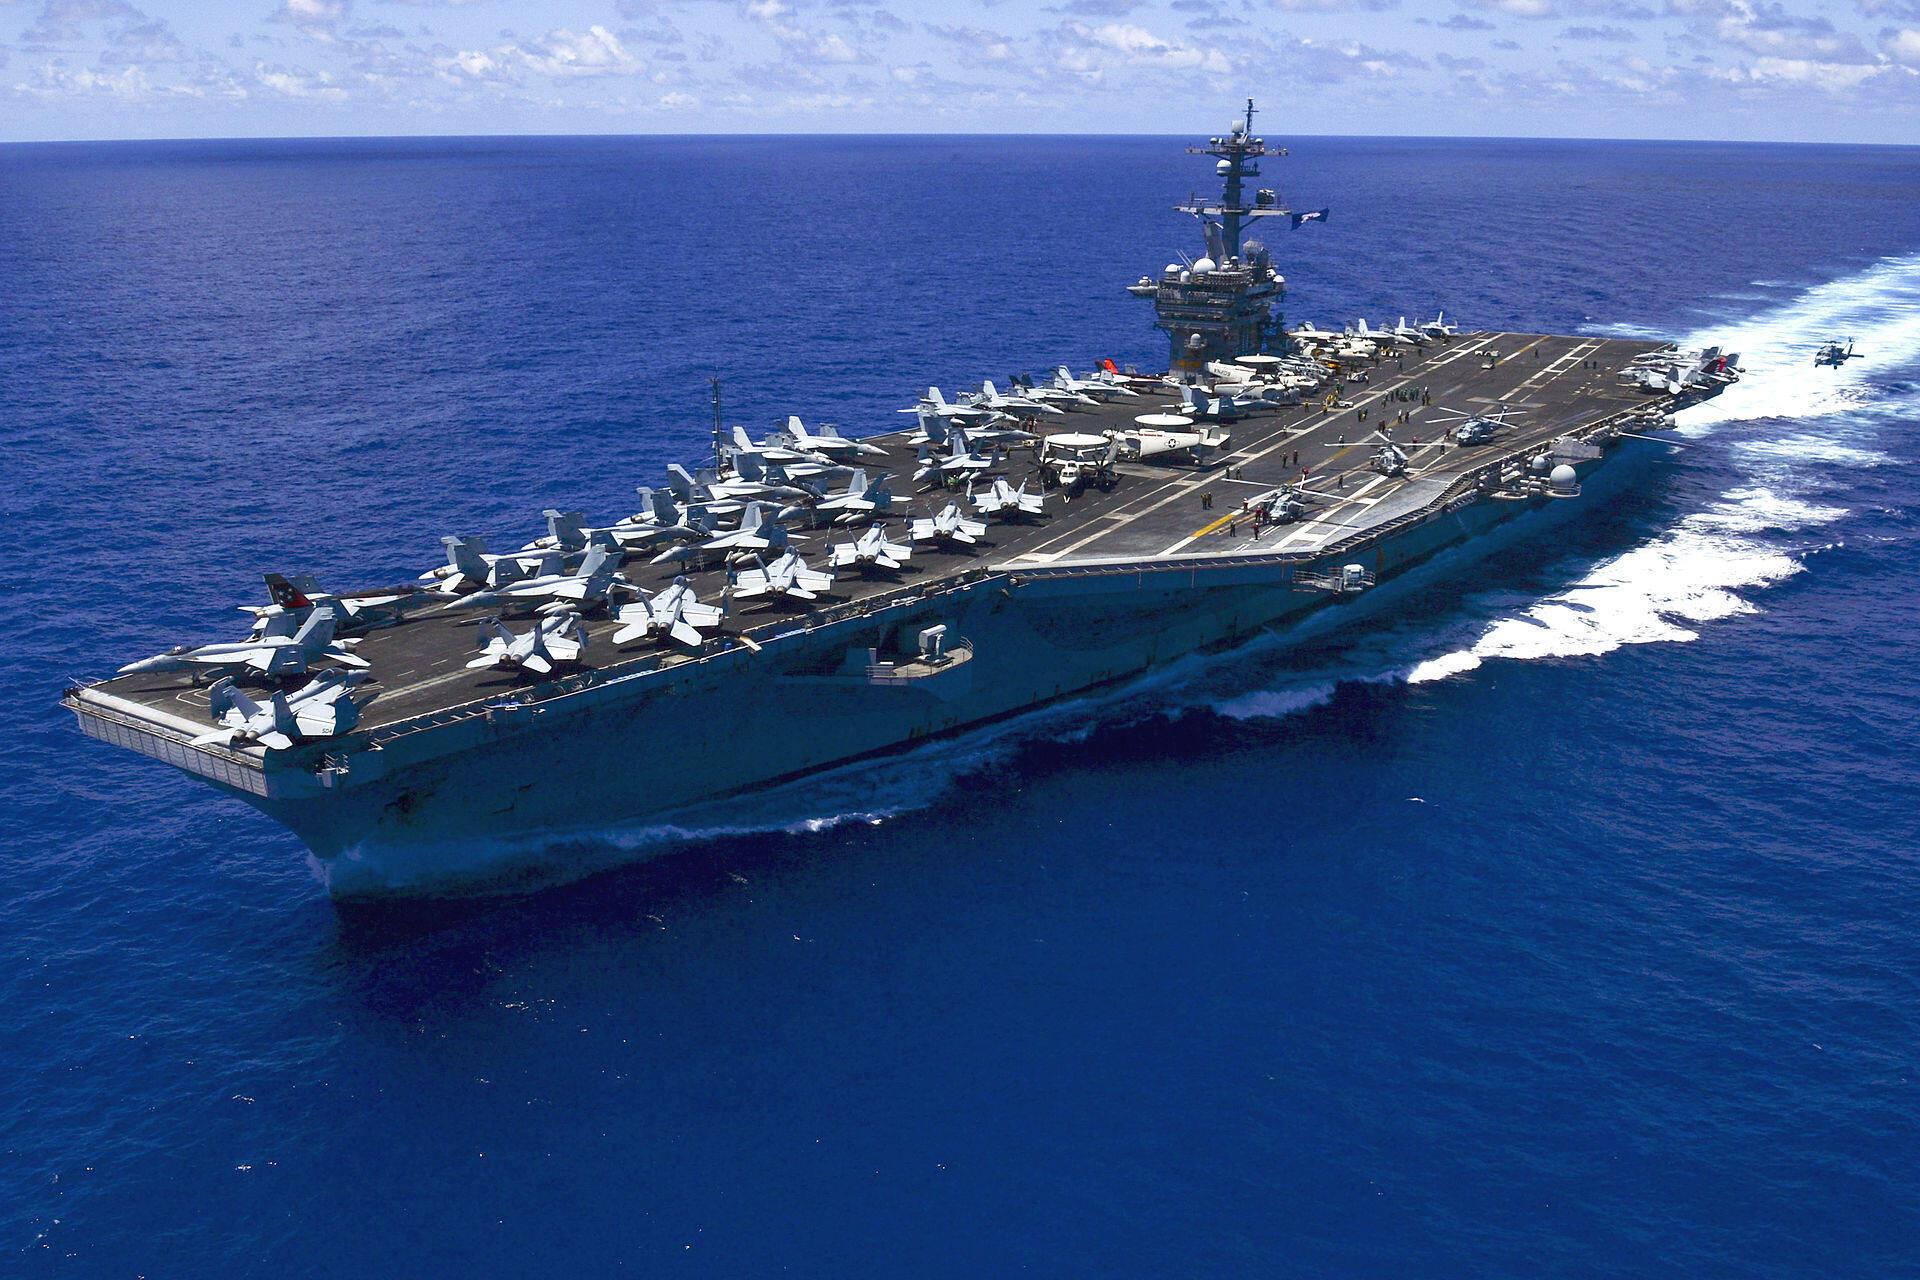 Hàng không mẫu hạm Mỹ USS Carl Vinson